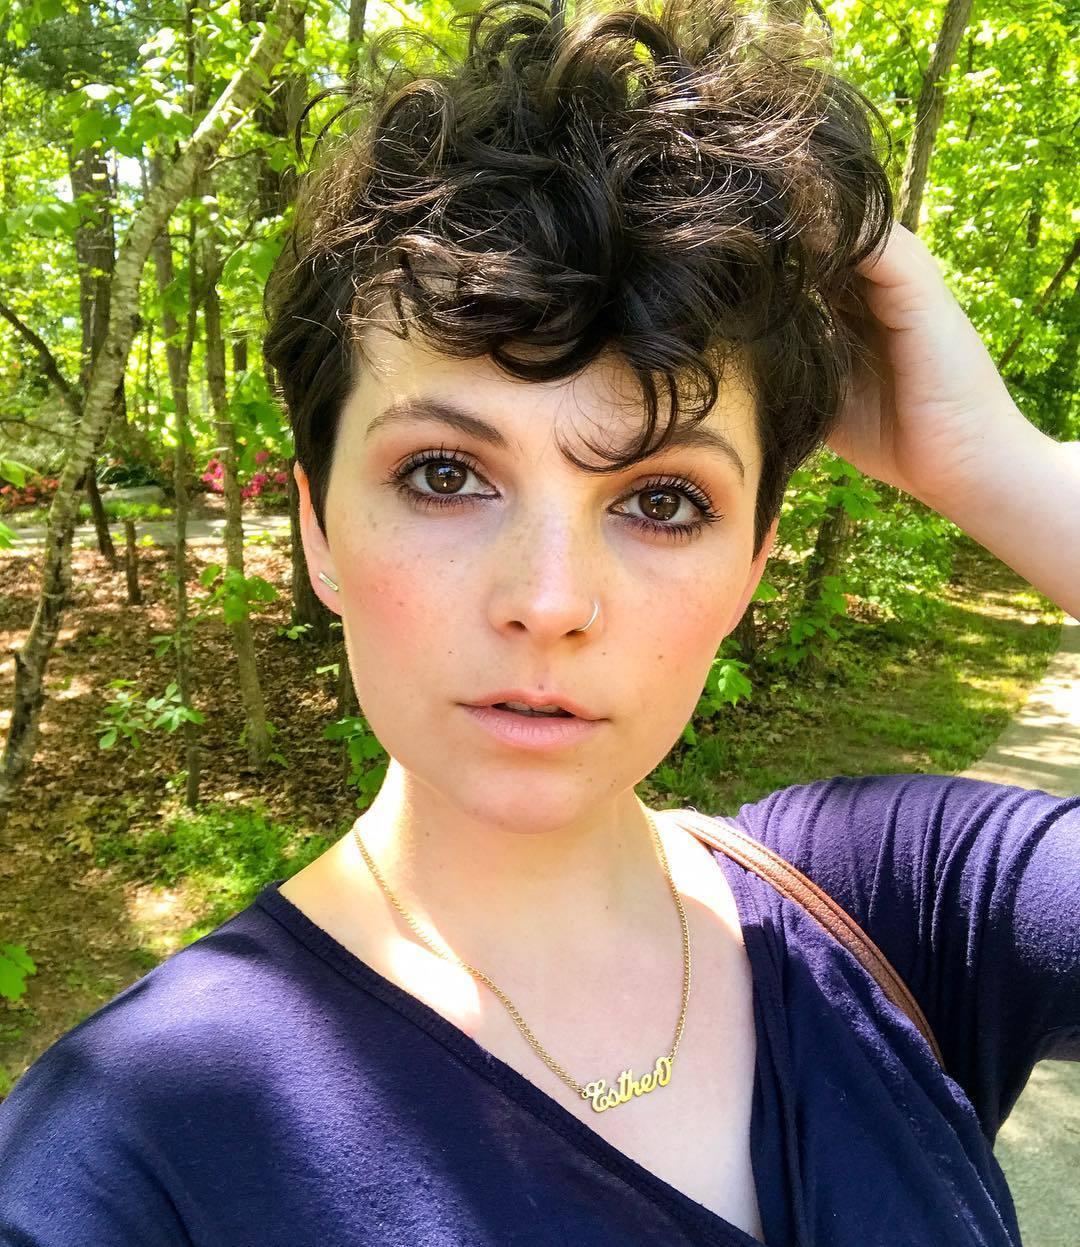 femme avec une coiffure de lutin bouclée